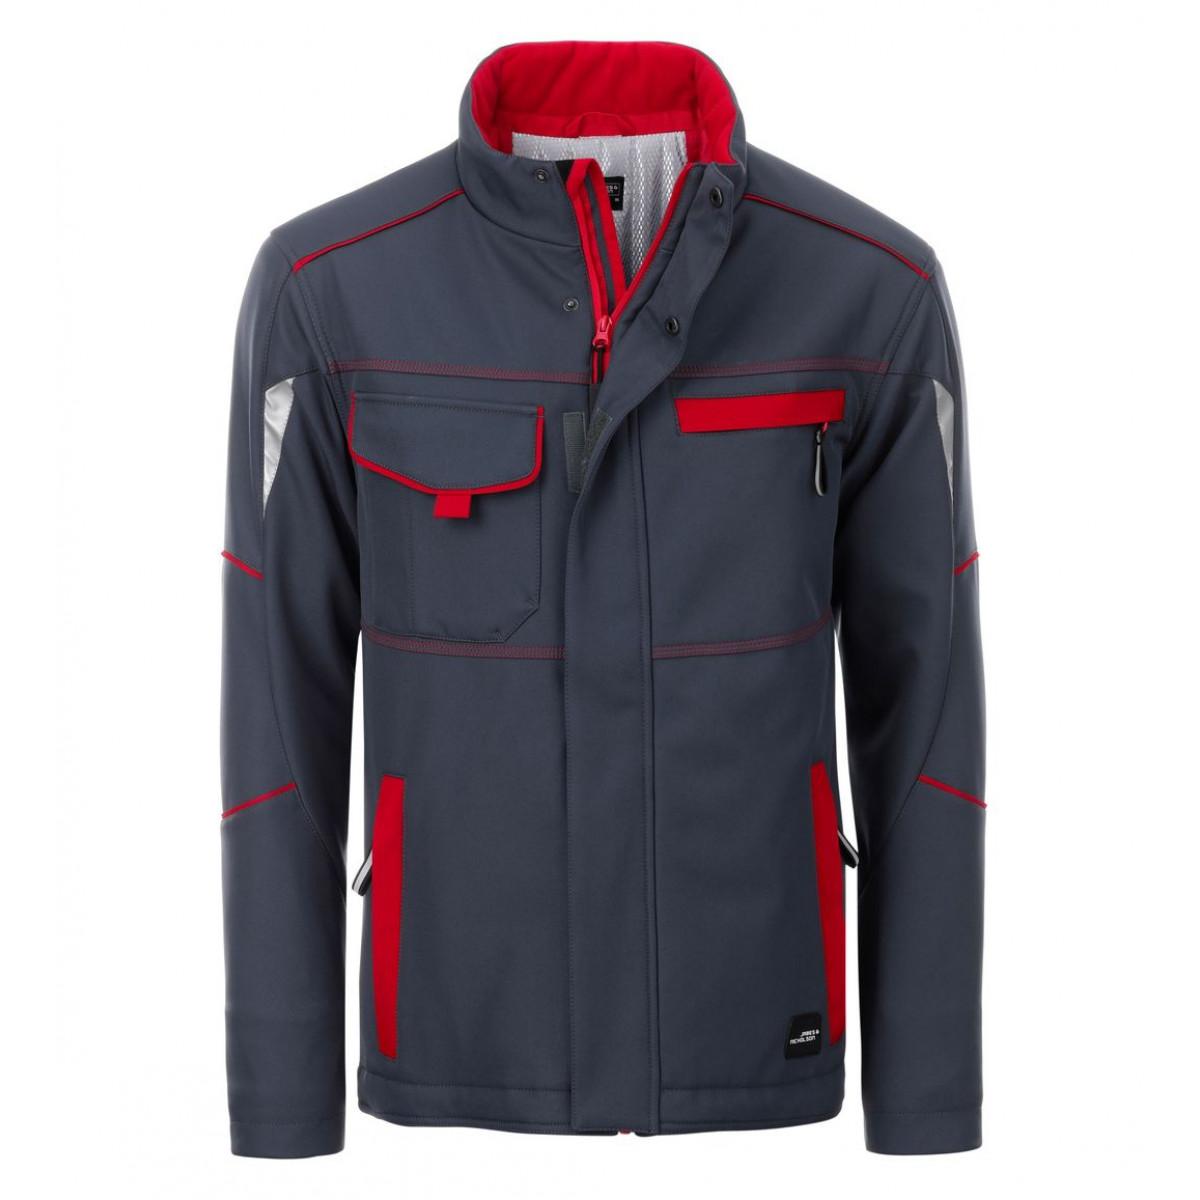 Куртка мужская JN853 Workwear Softshell Padded Jacket-Level 2 - Темно-серый/Красный